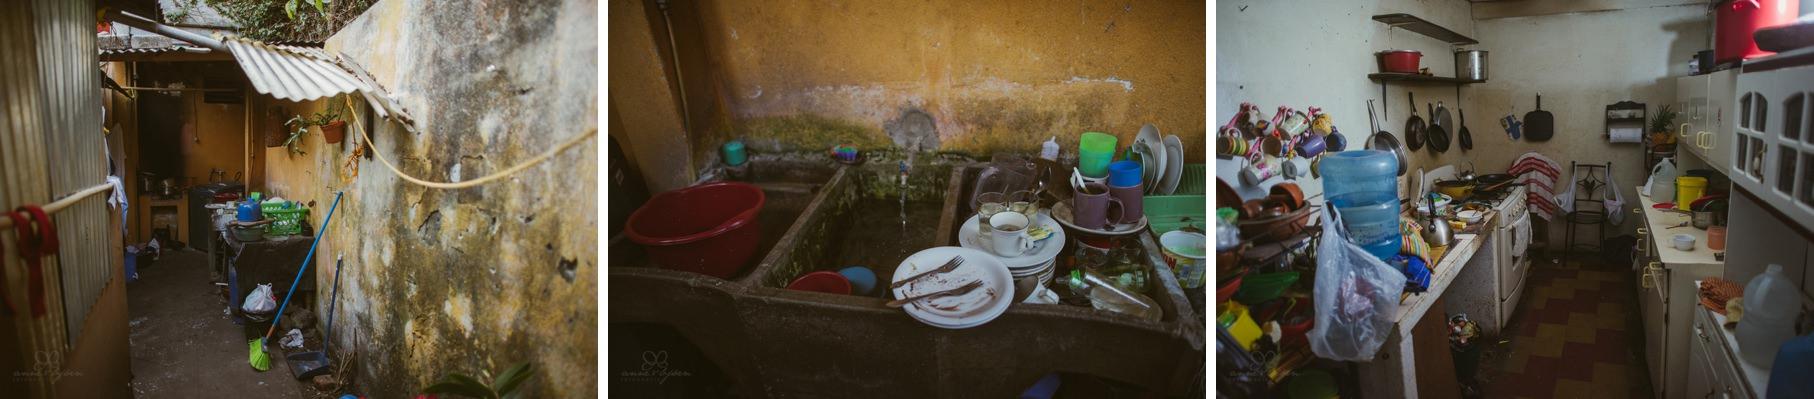 0033 anne und bjoern guatemala 811 3118 - 4 Wochen durch Guatemala - backpacking durch Mittelamerika